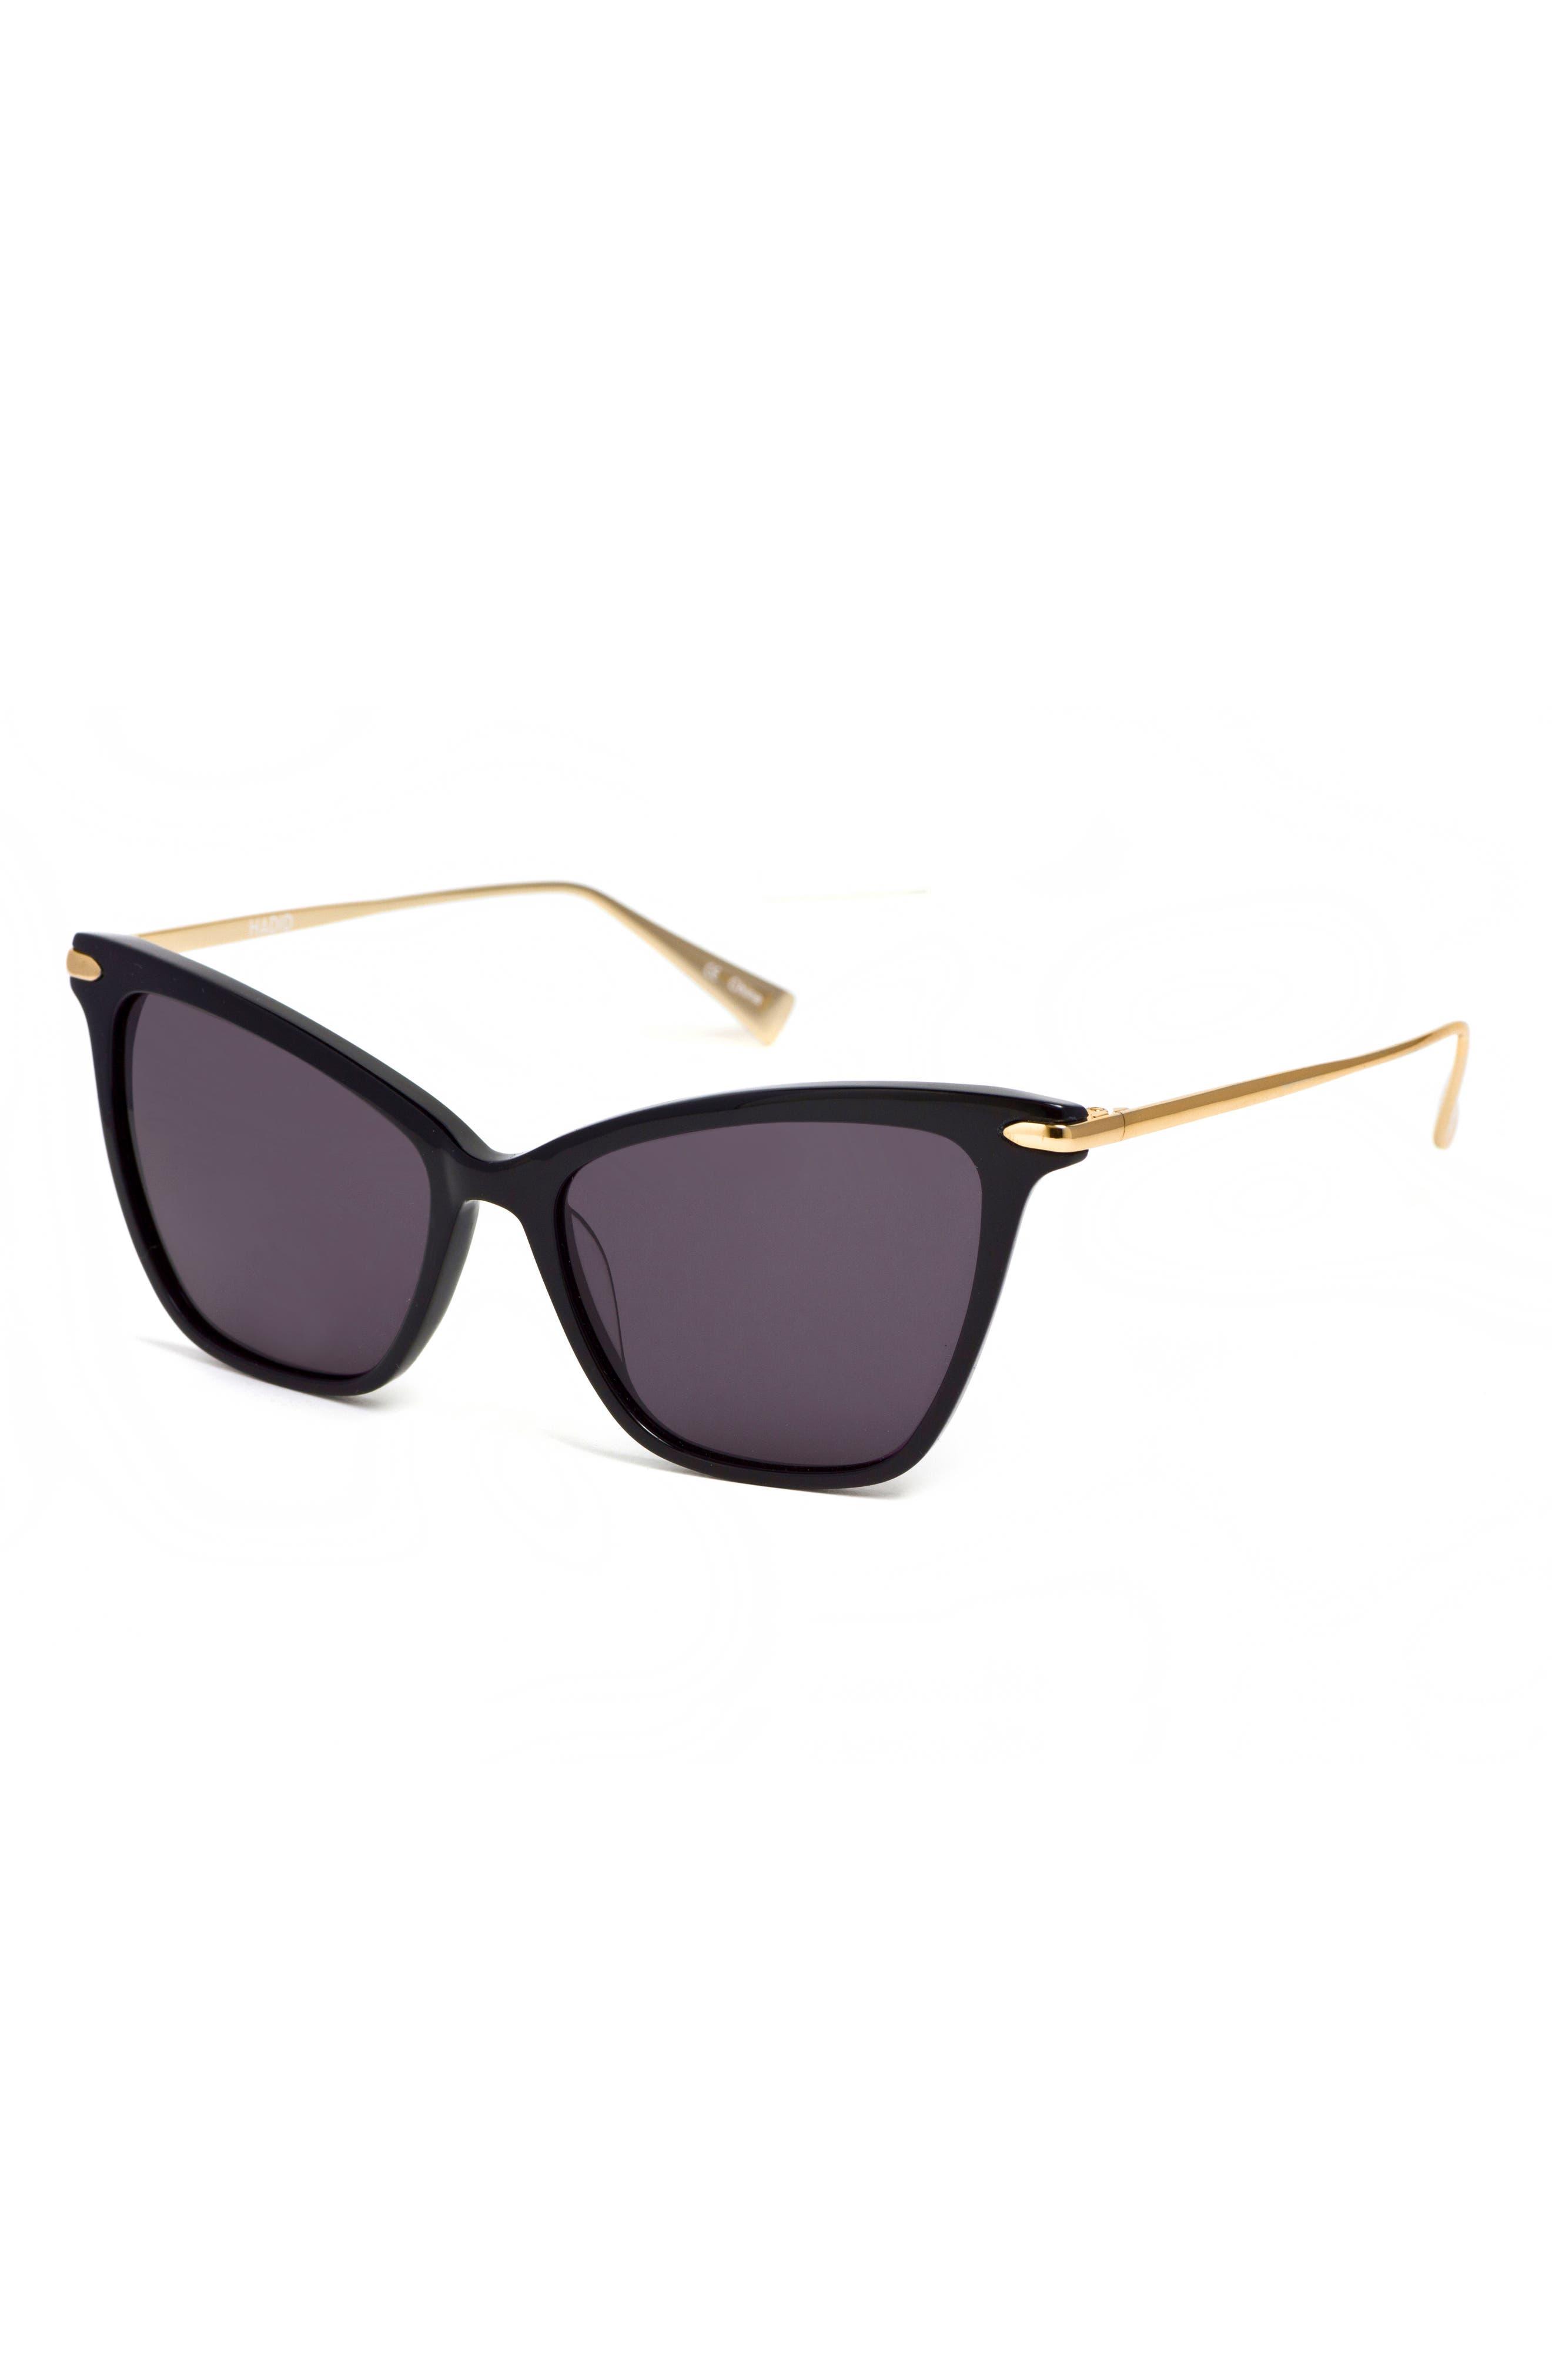 Jetsetter 55mm Cat Eye Sunglasses,                             Alternate thumbnail 4, color,                             001